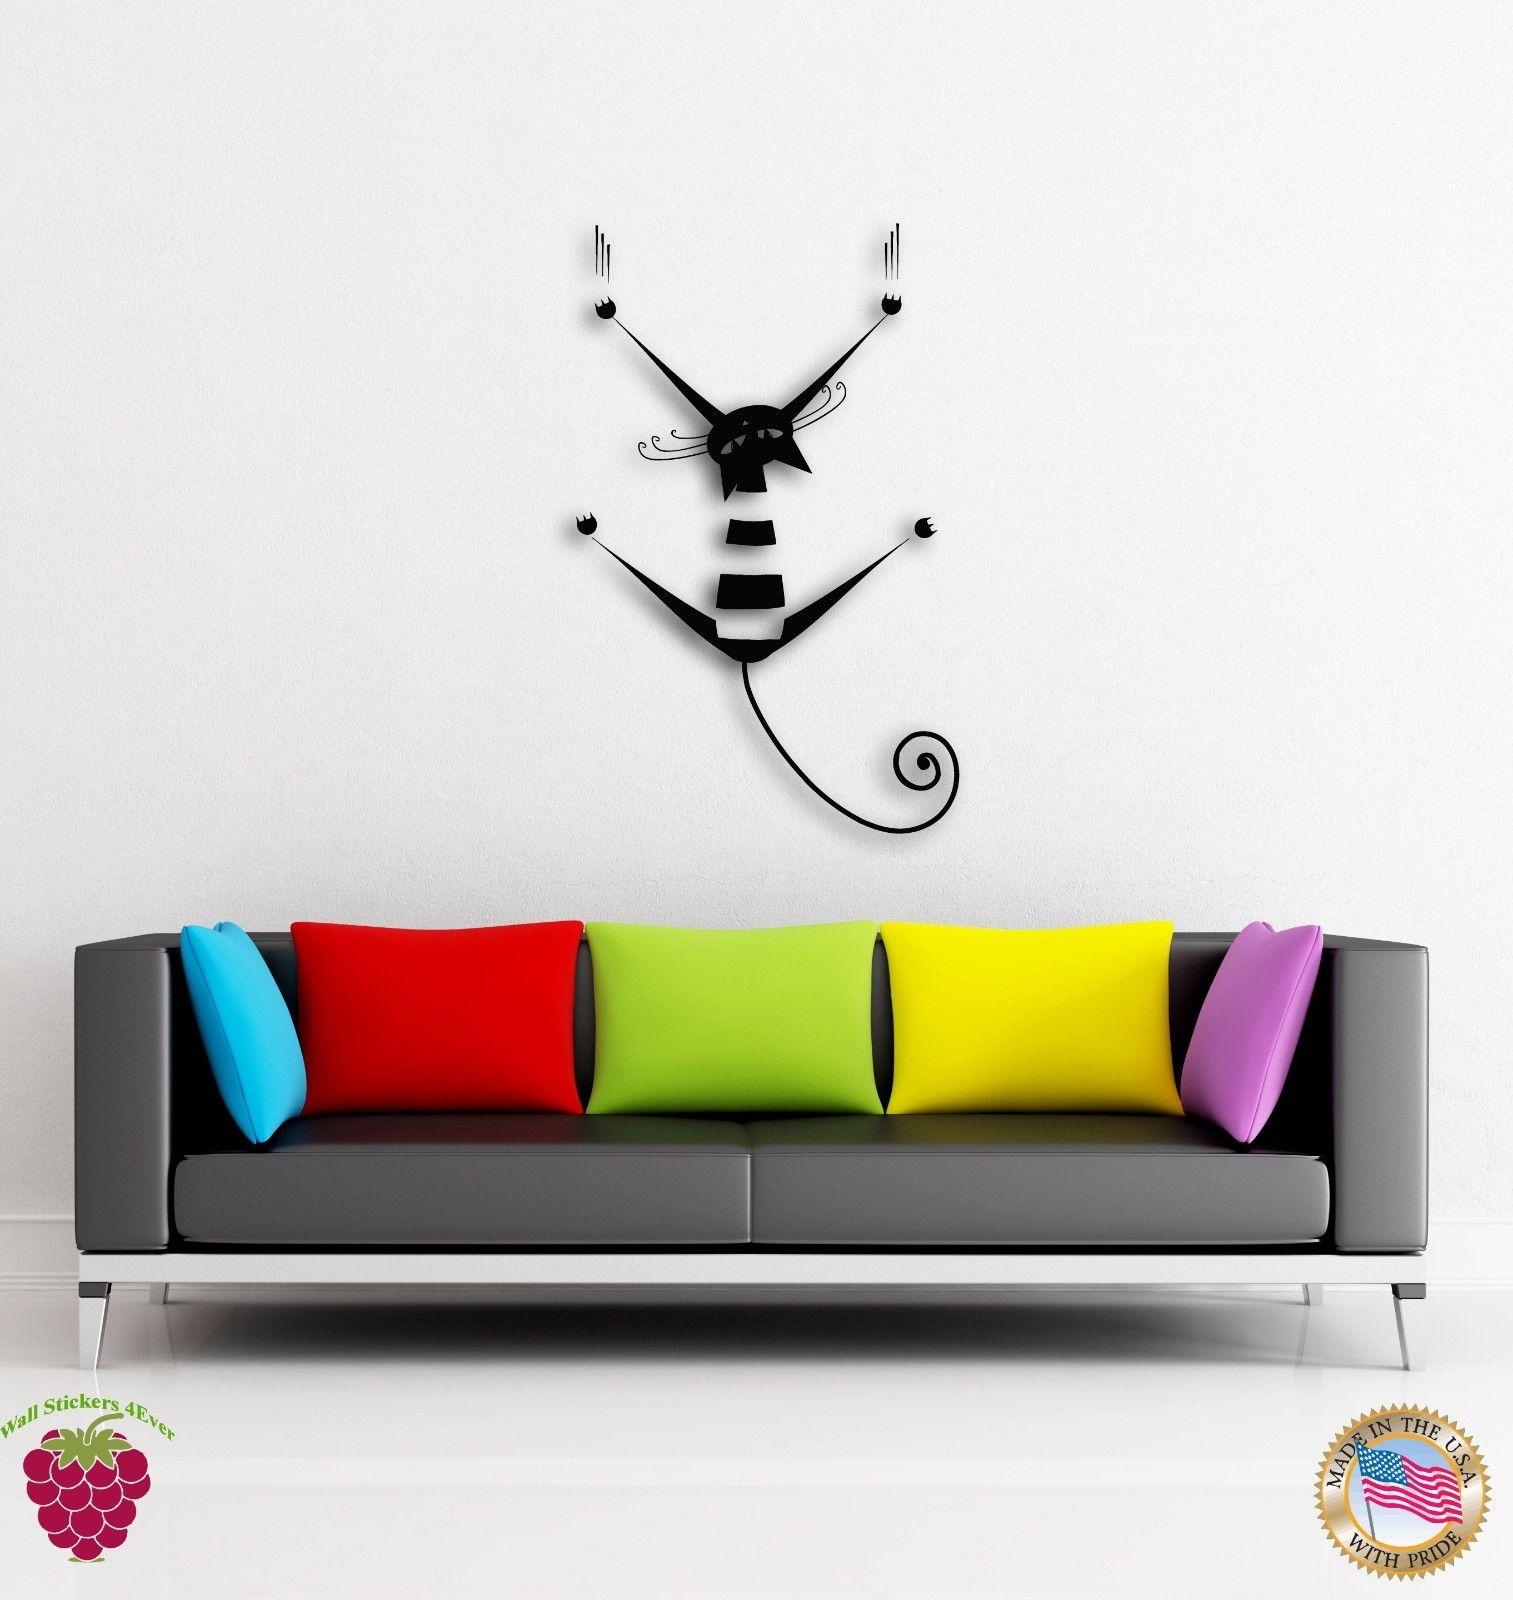 nuevos adhesivos de pared de vinilo gato gatito mascotas araan divertido decoracin for living room